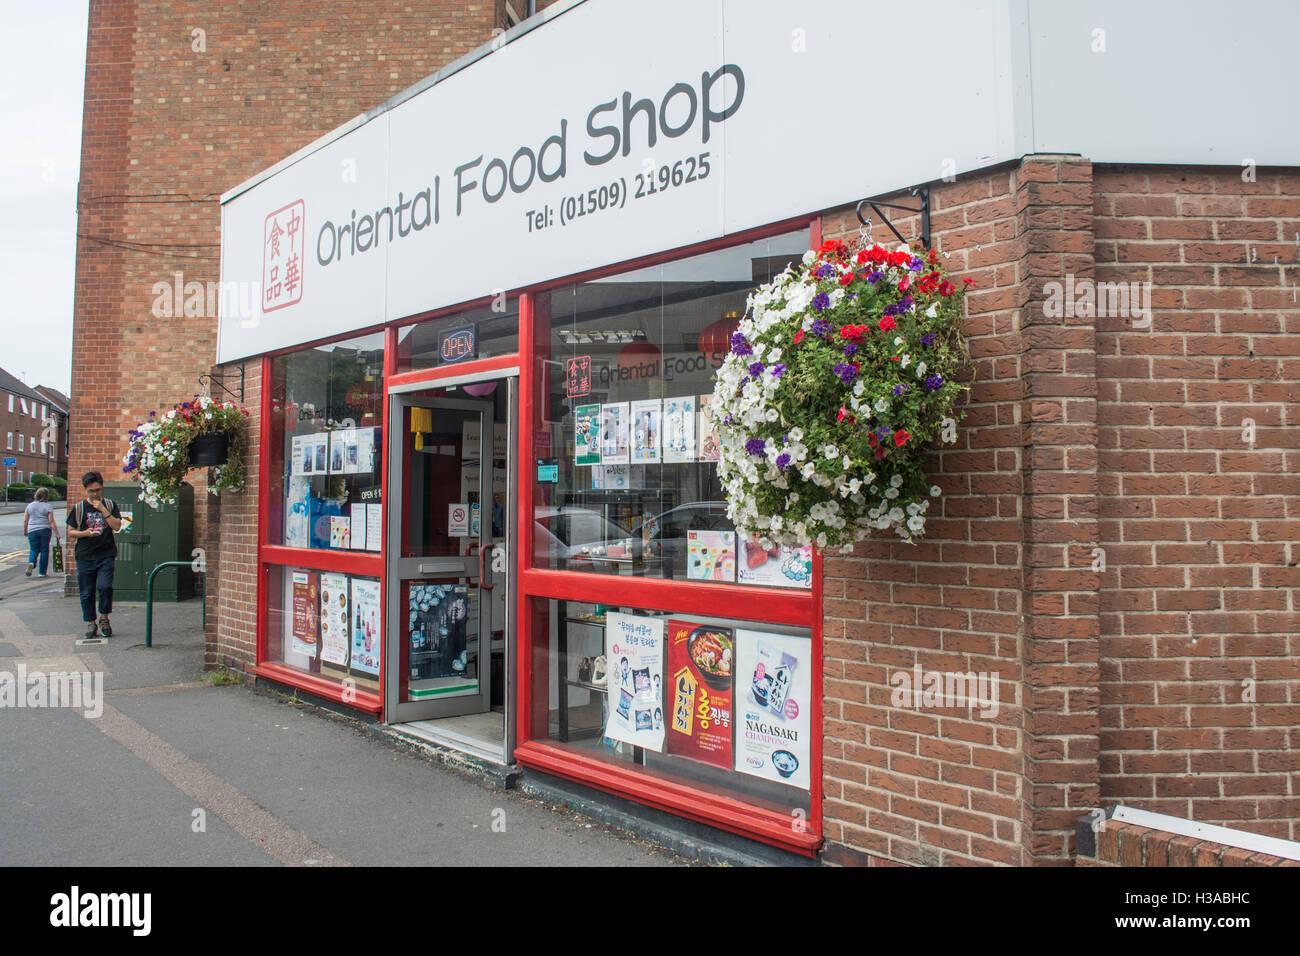 Oriental Food Shop Im Zentrum Von Loughborough Town Loughborough